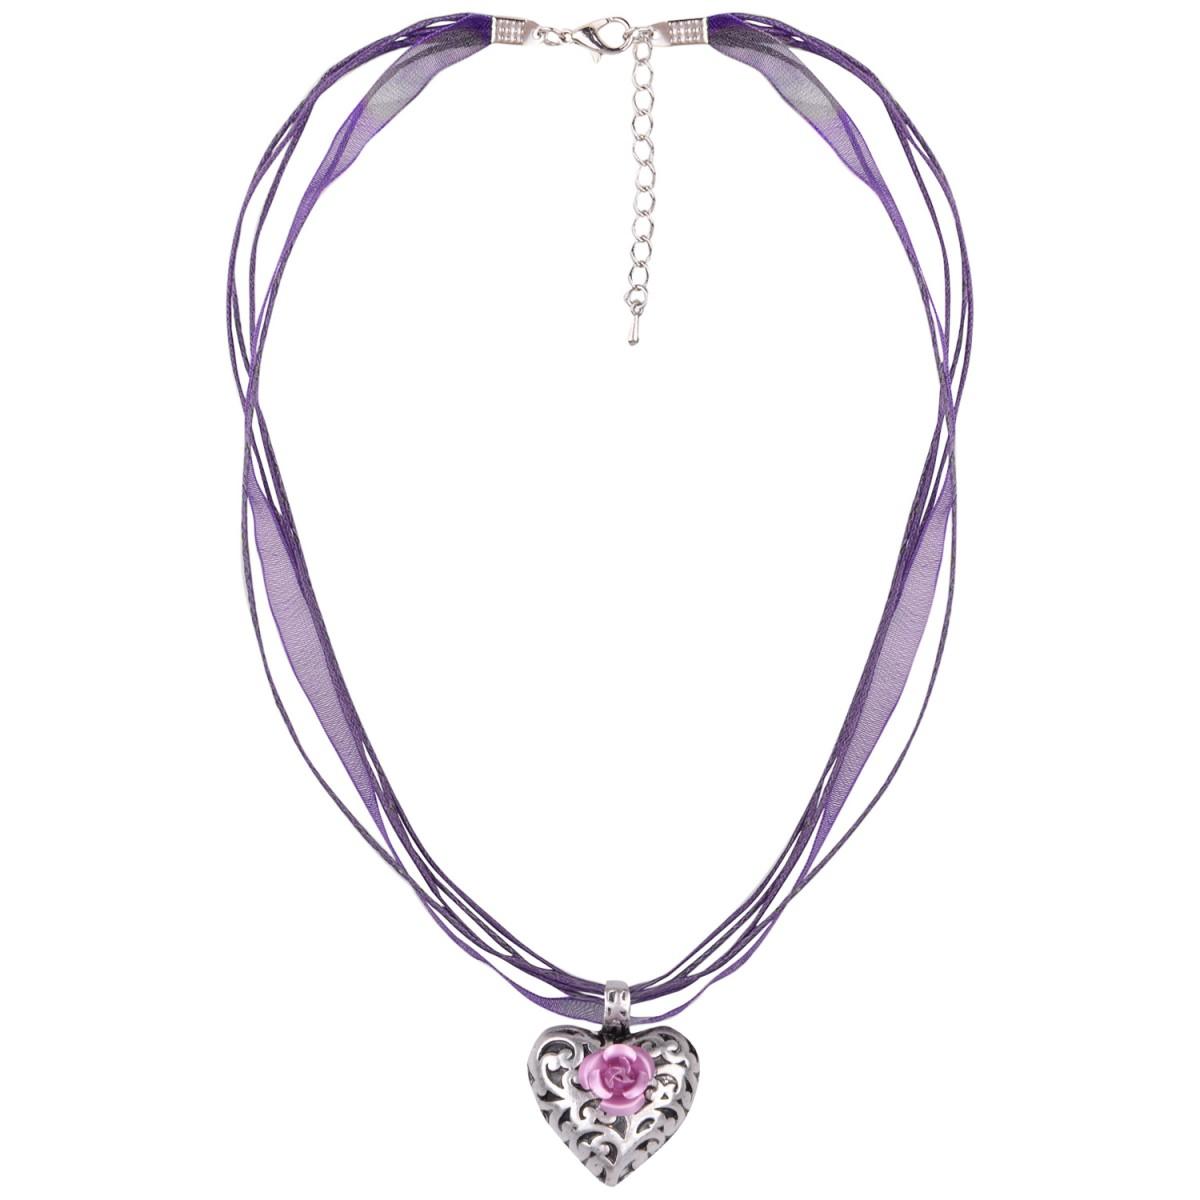 Halskette mit 4 Bändern und Herzanhänger mit Rosenblüte in Lila von Schlick Accessoires günstig online kaufen